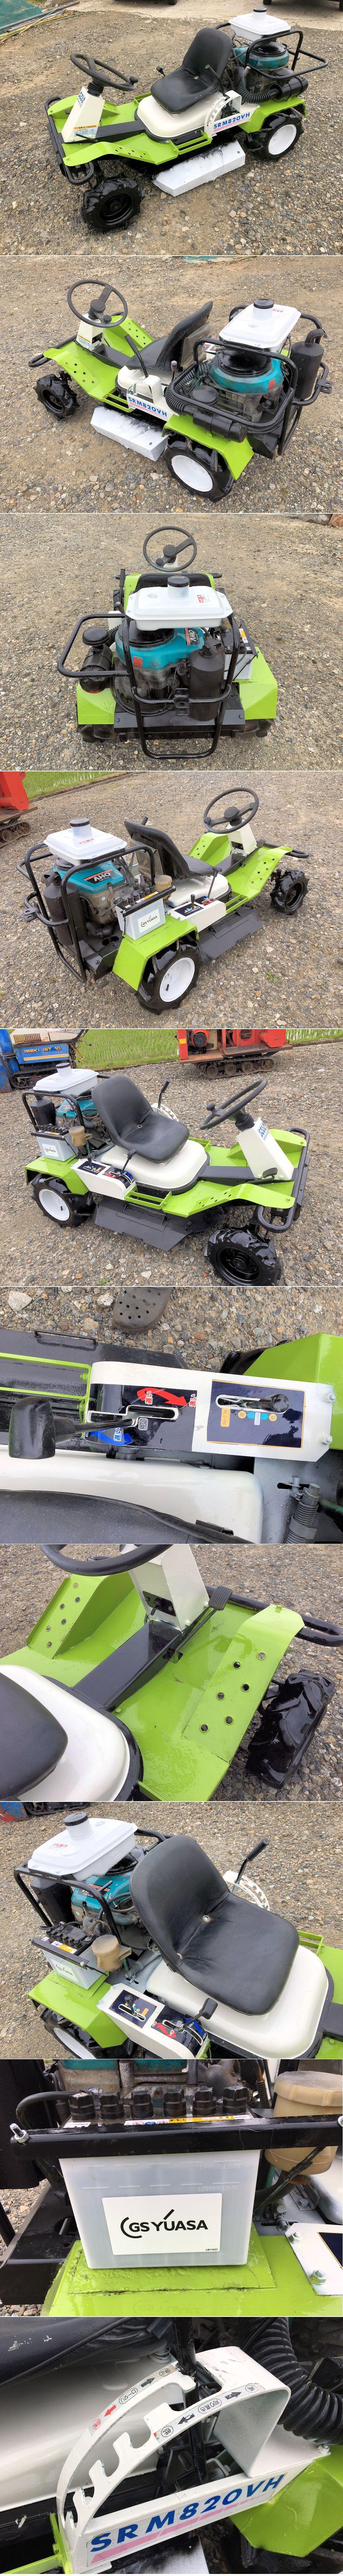 乗用草刈機 モアー 中古 サンケー(サトー)HST変速 SRM820VH 13馬力 整備 塗装 バッテリー新品